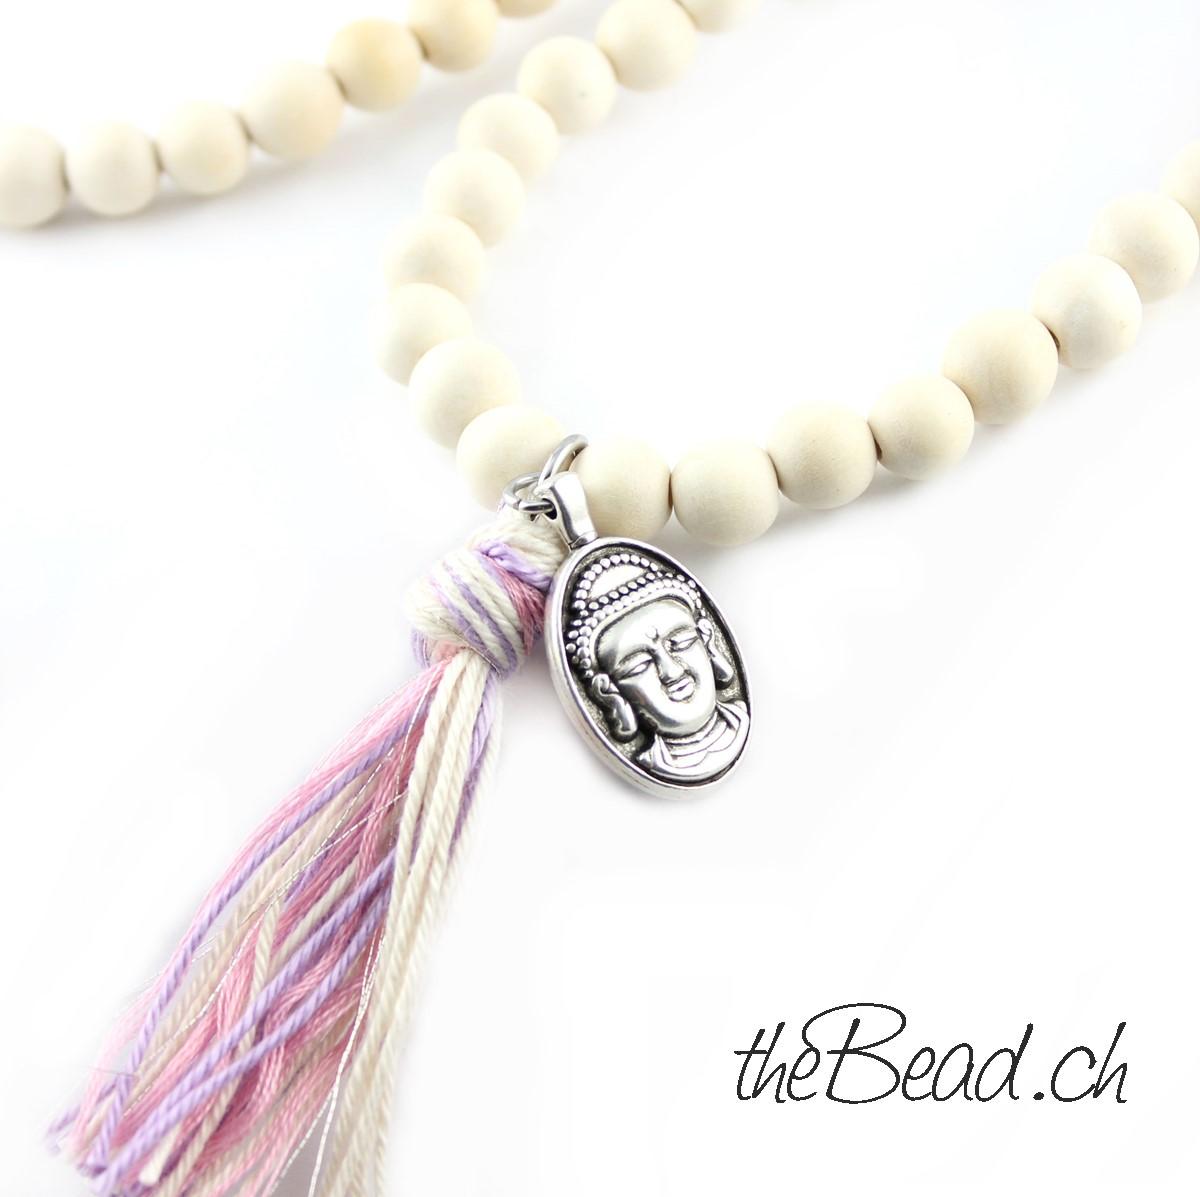 Quaste und Anhänger Holzperlen Halskette in weiss von theBead